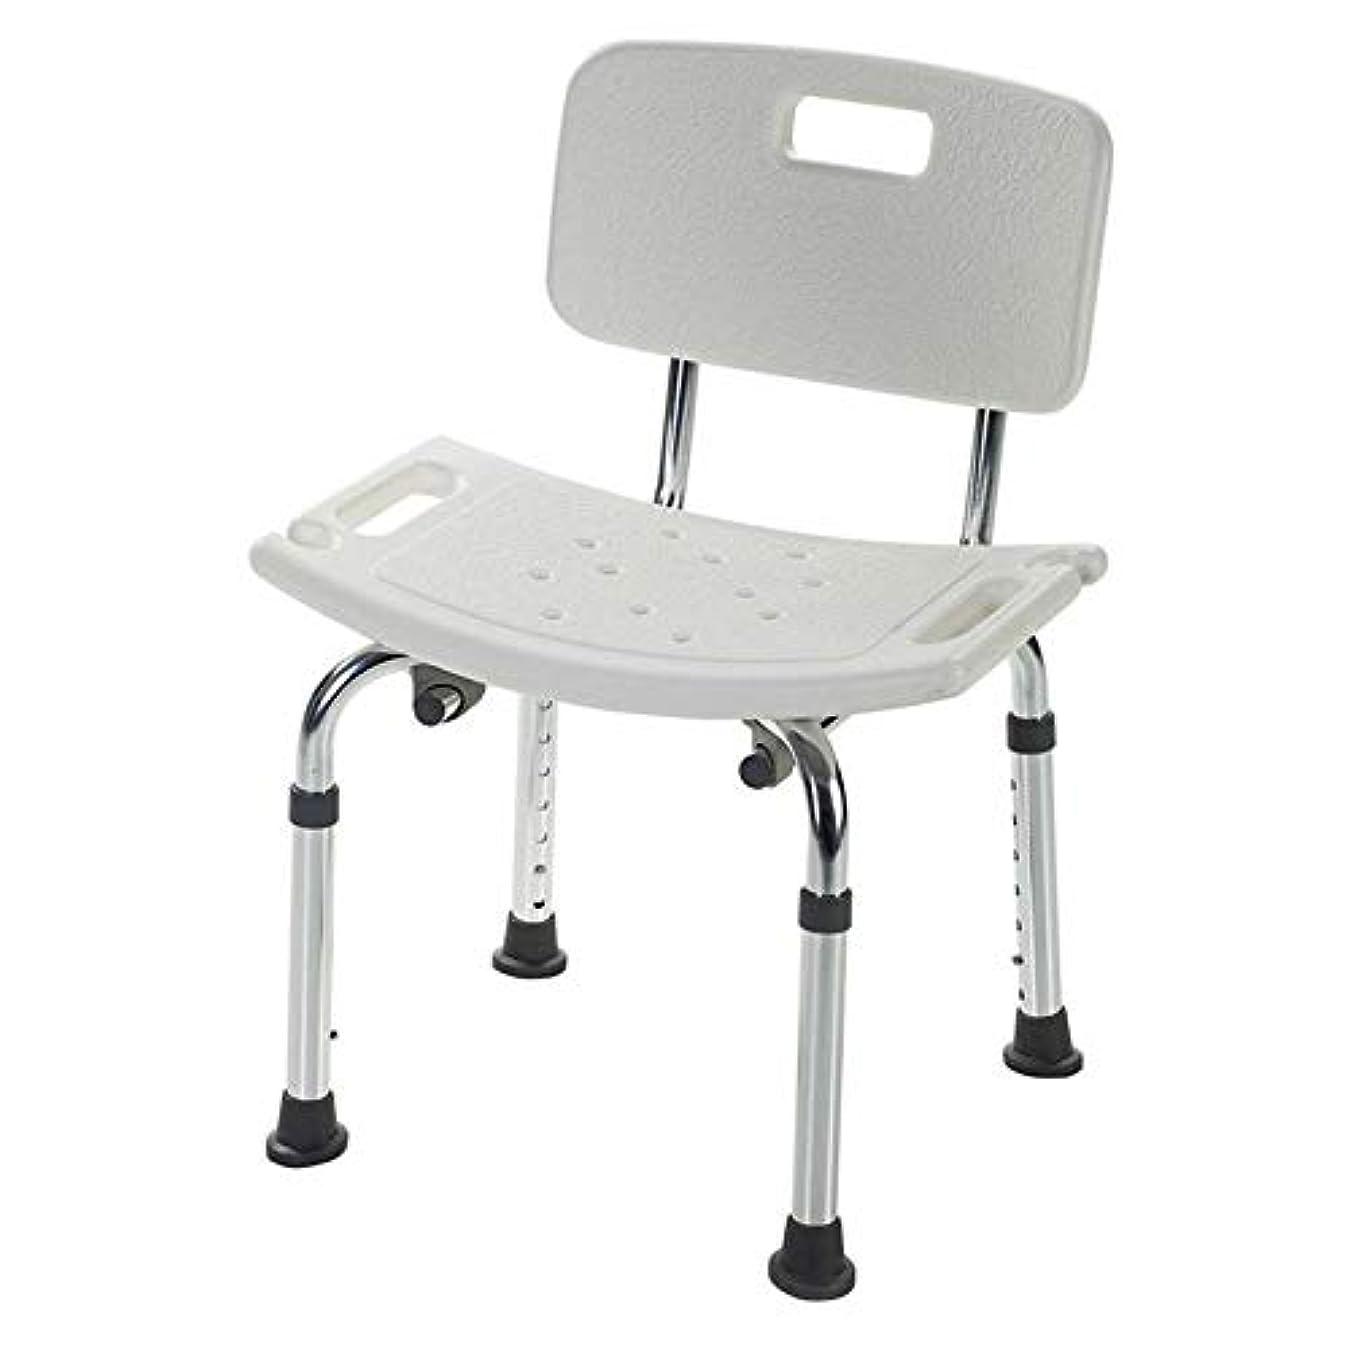 スペルロールそれによってバスシートベンチシャワースツールシャワーチェア、背もたれ付きU字型シートプレート高さ調節可能な高齢者用入浴補助具